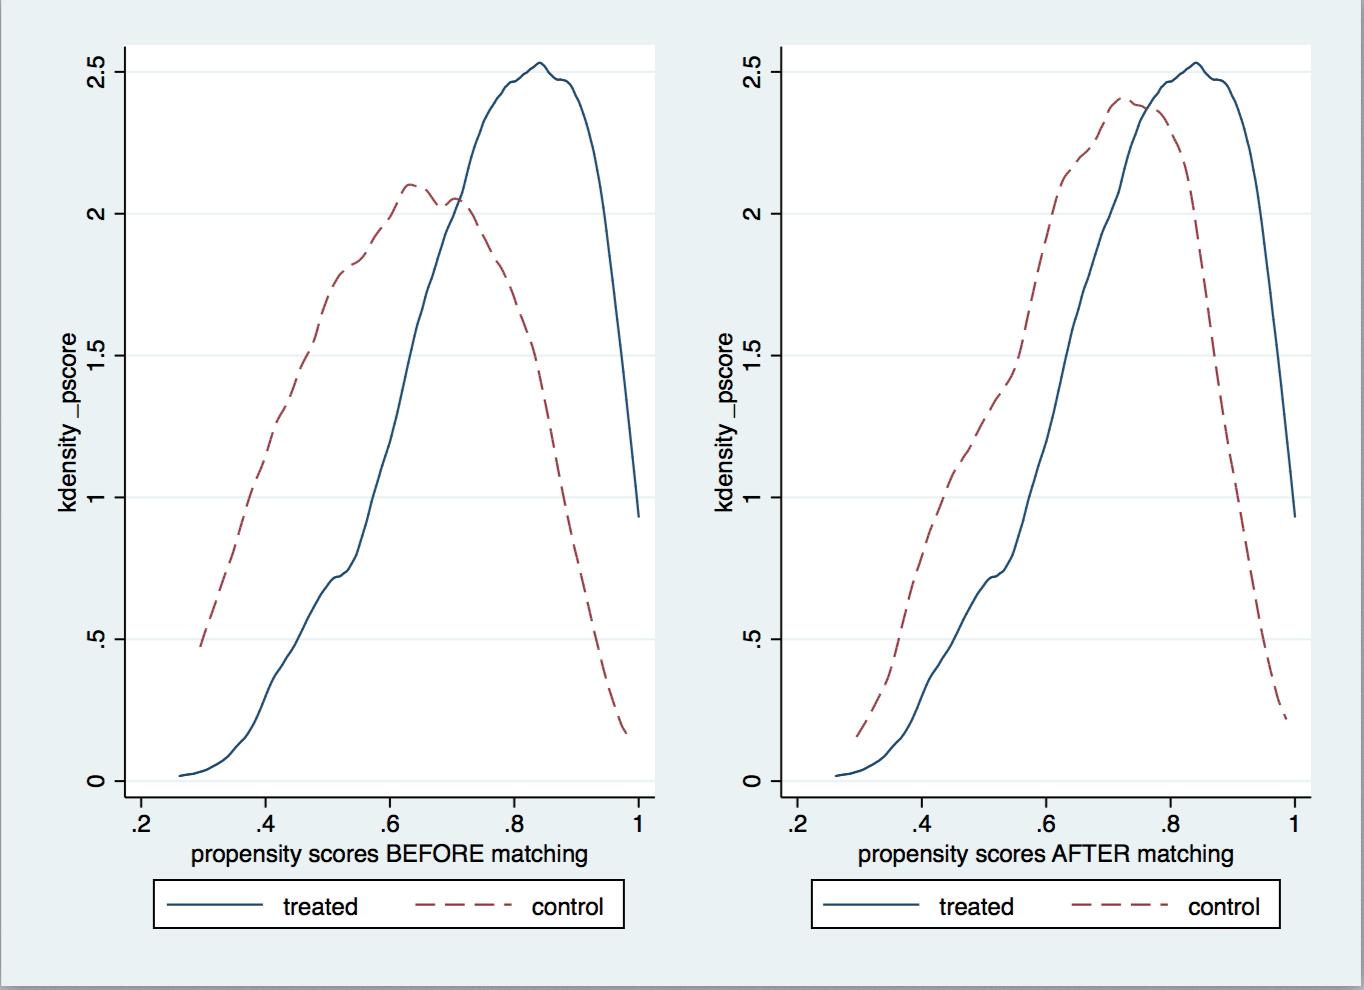 propensity score matching model